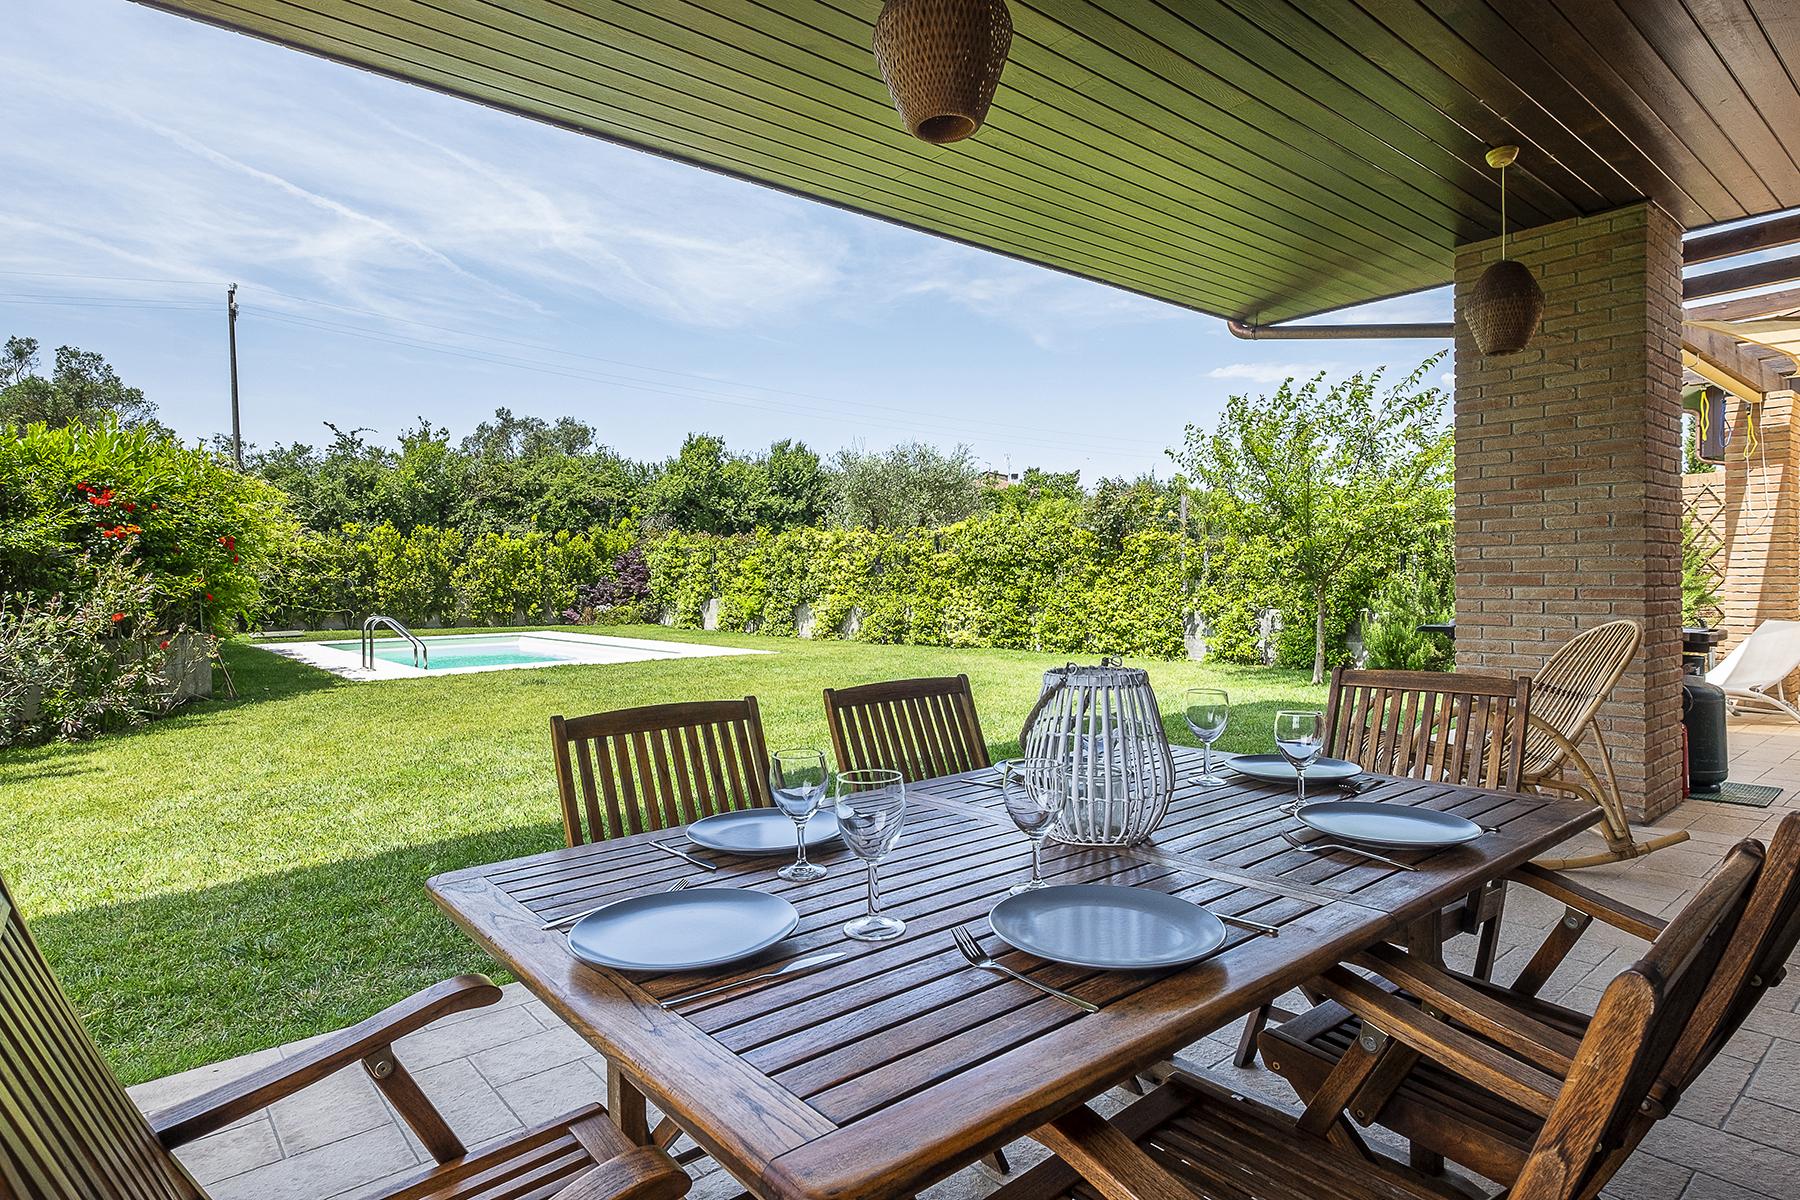 Villa in Vendita a Bracciano: 5 locali, 215 mq - Foto 3